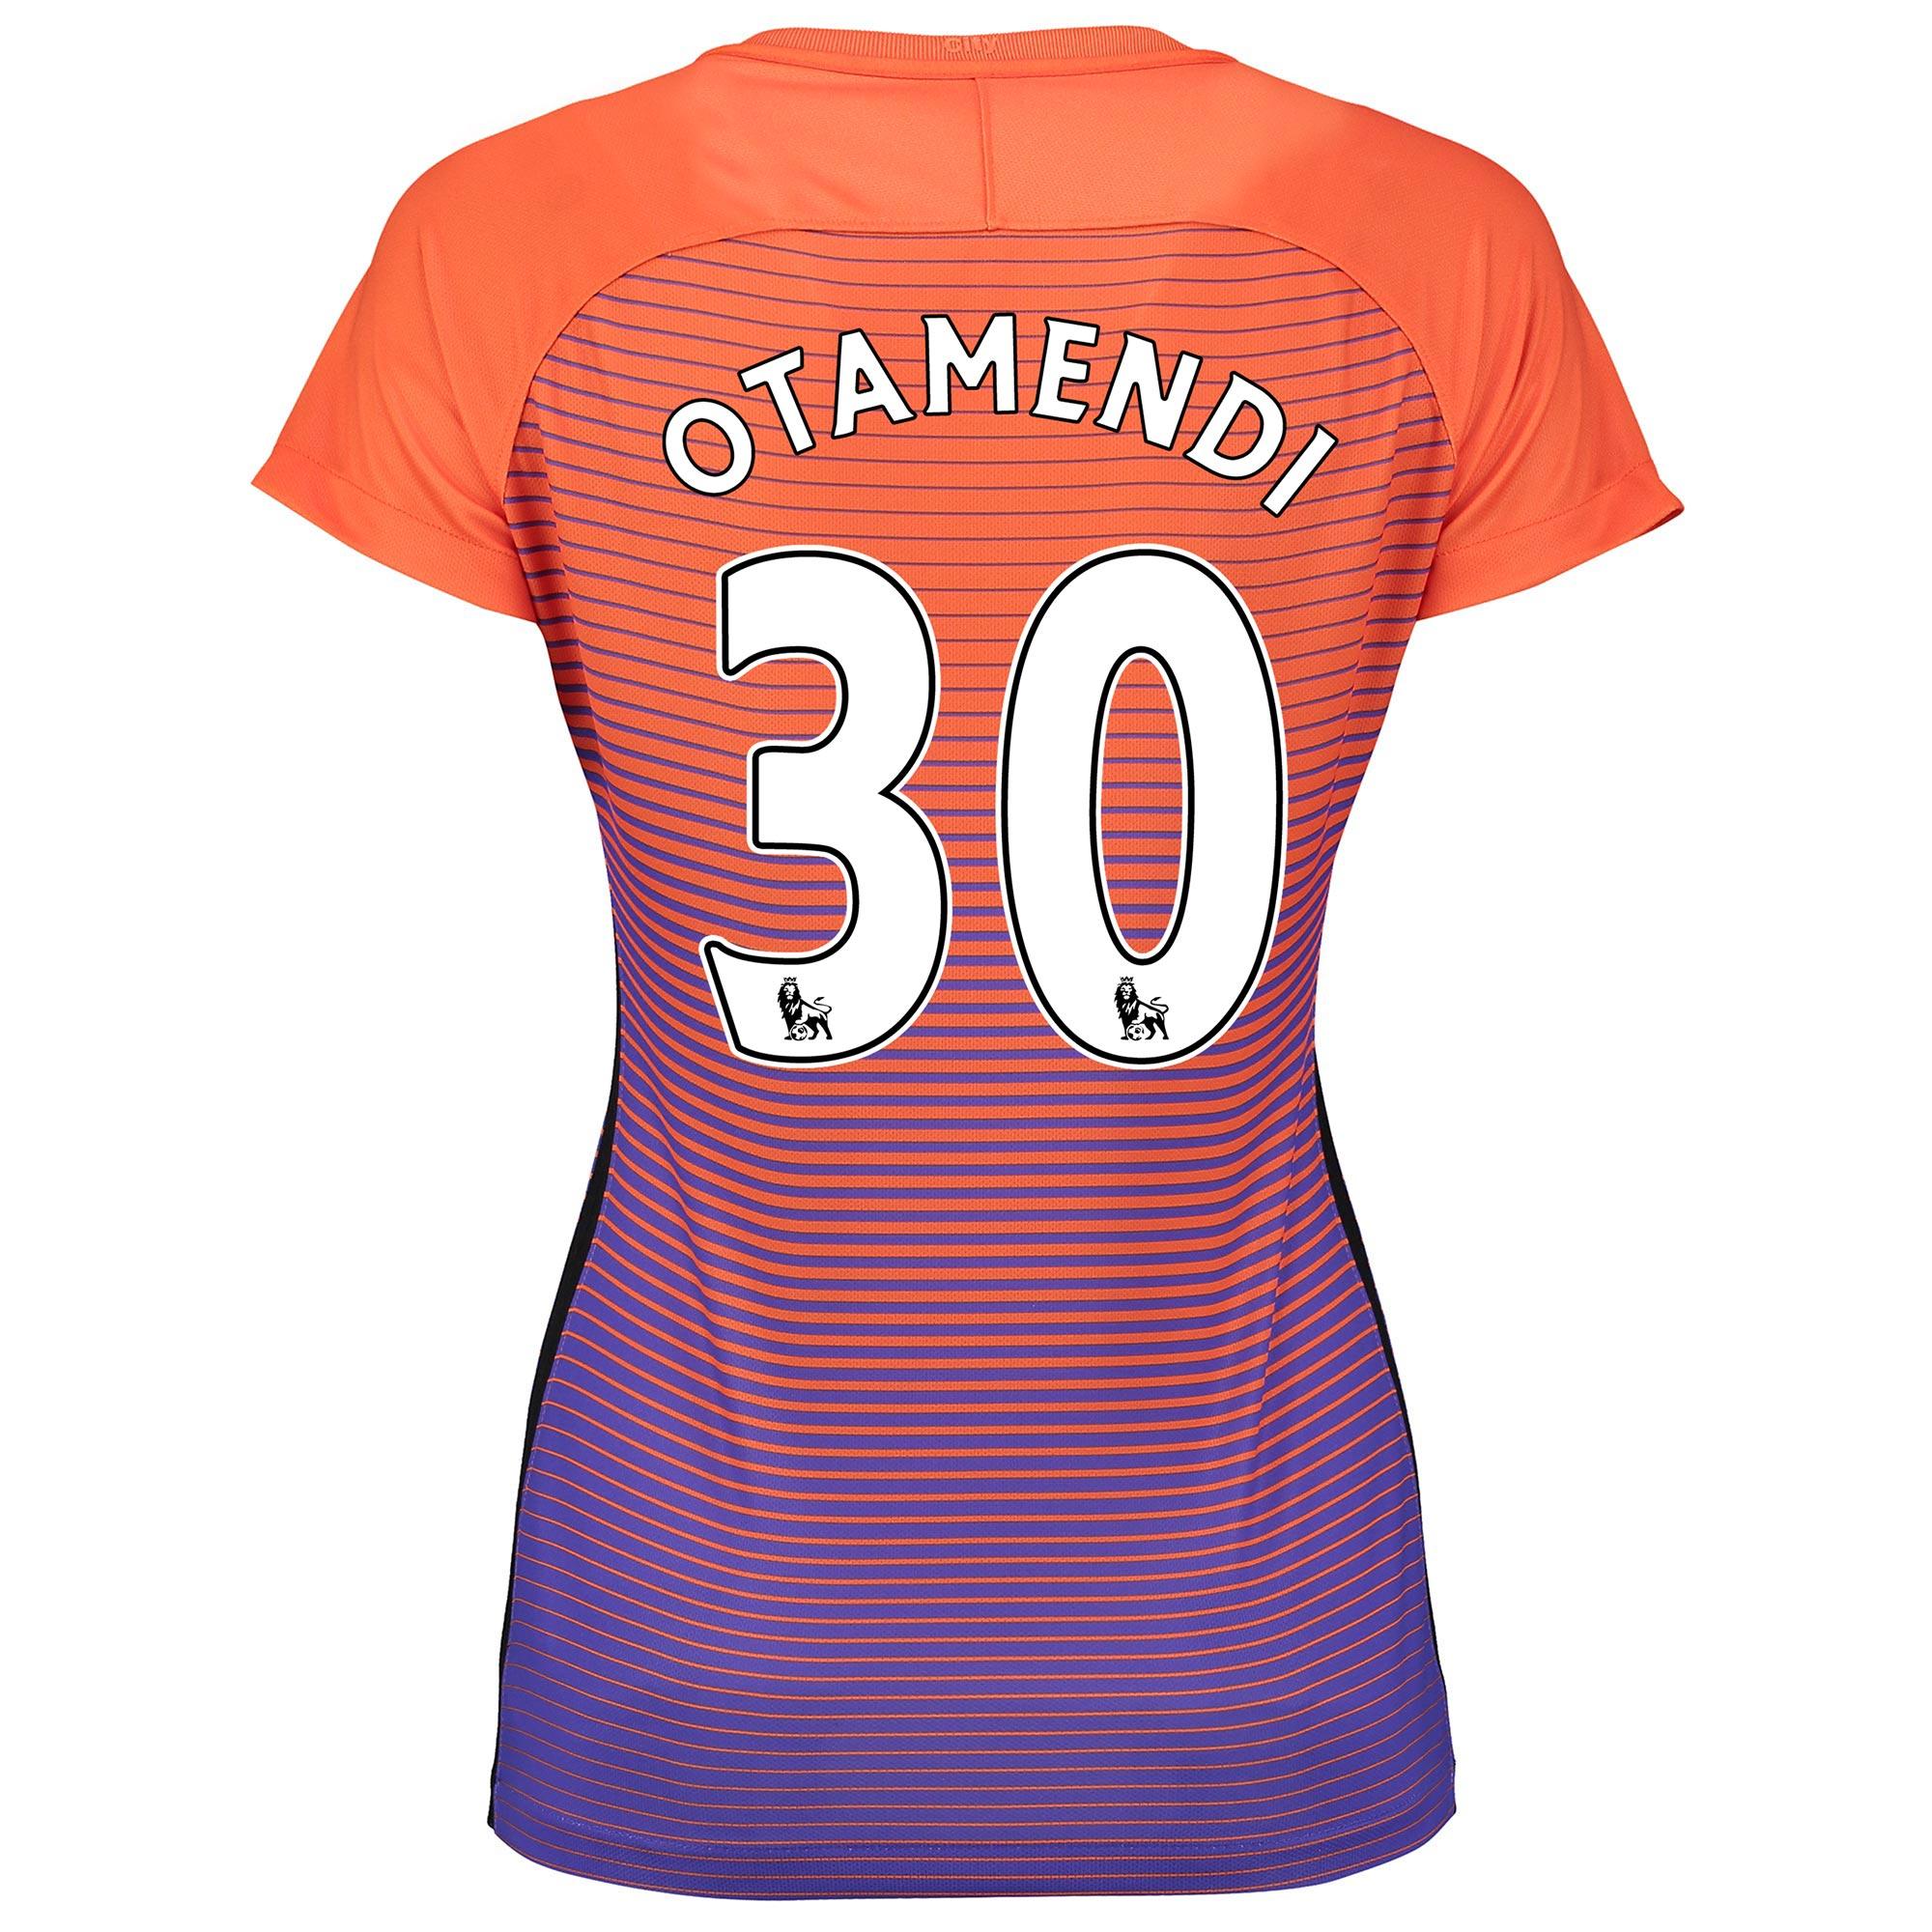 Manchester City Third Stadium Shirt 2016-17 - Womens with Otamendi 30